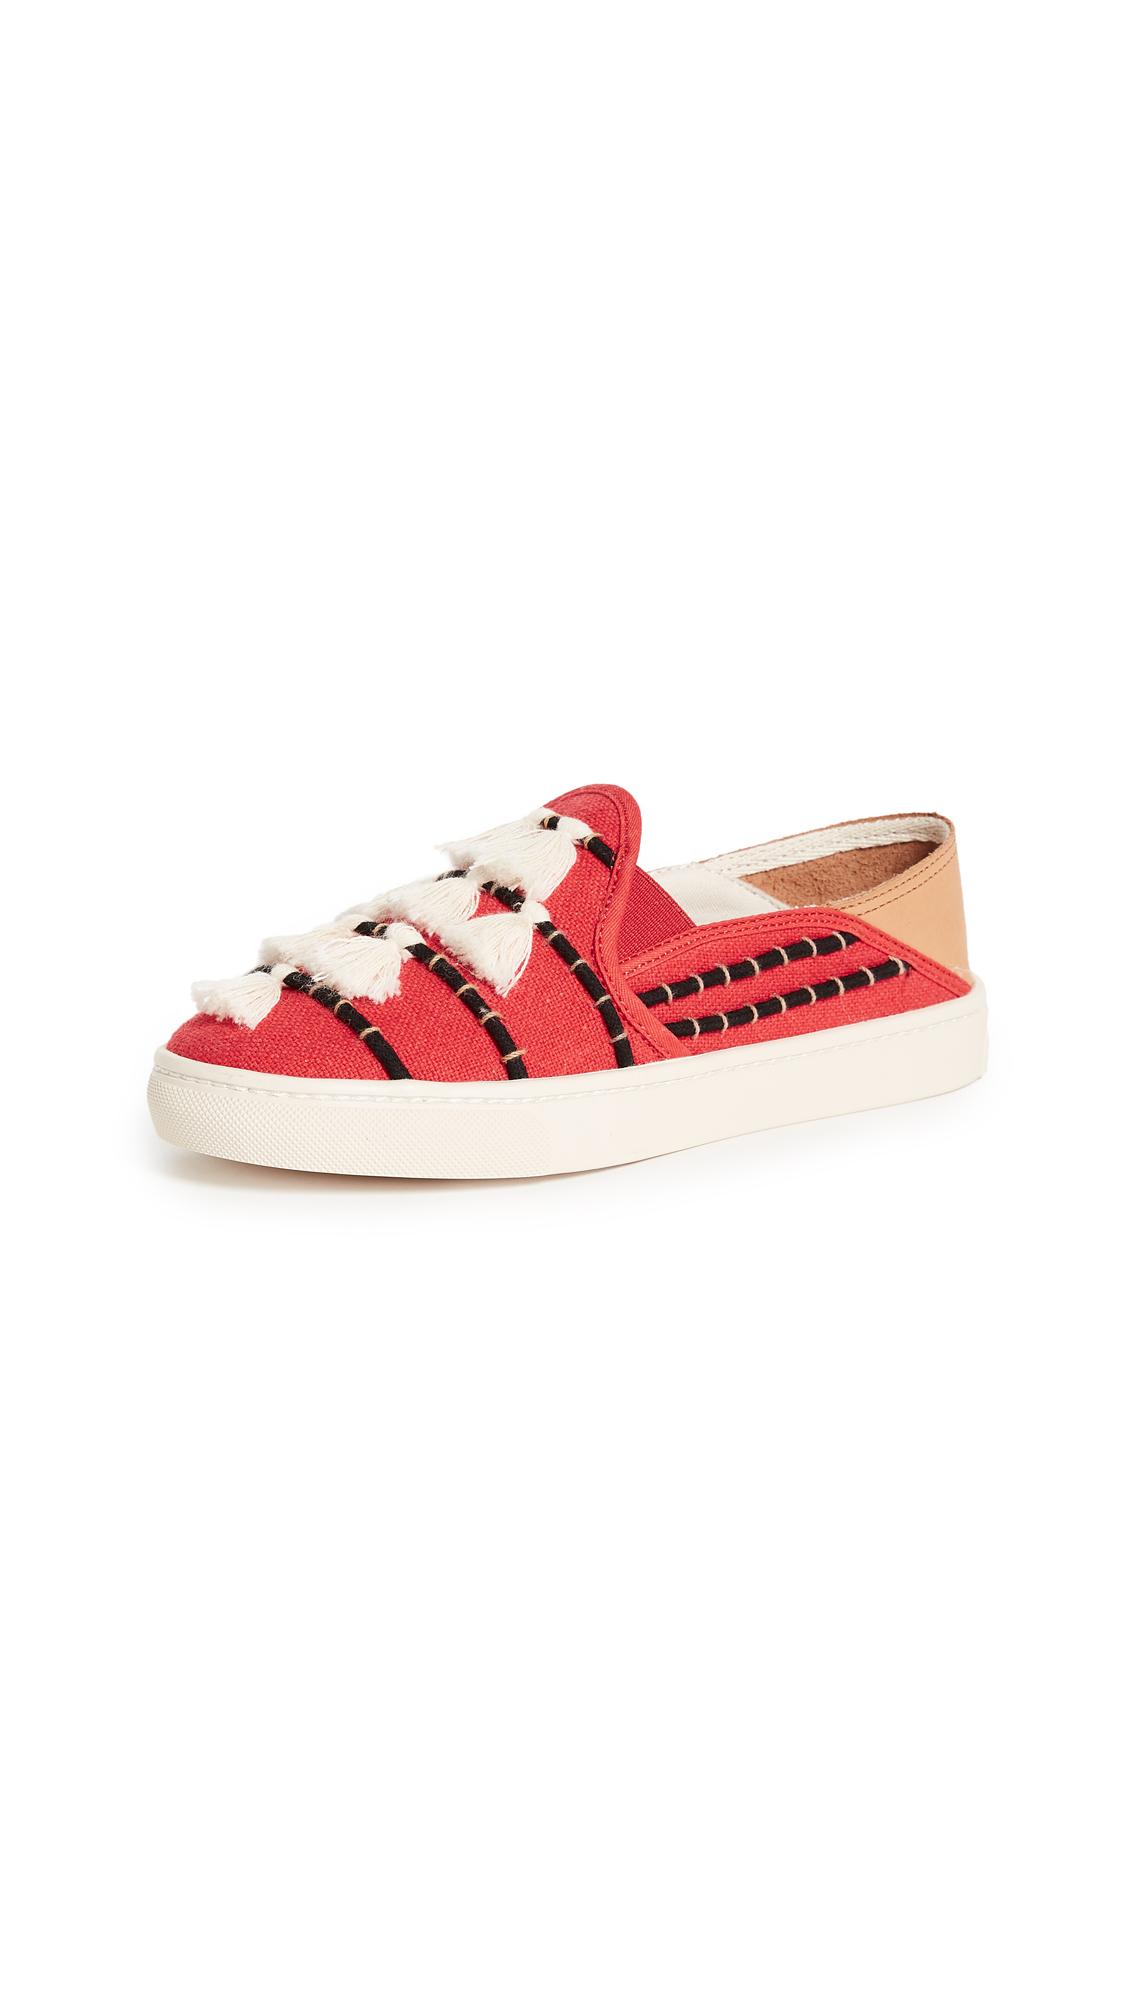 Soludos Convertible Tassel Slip On Sneakers - Red/Beige